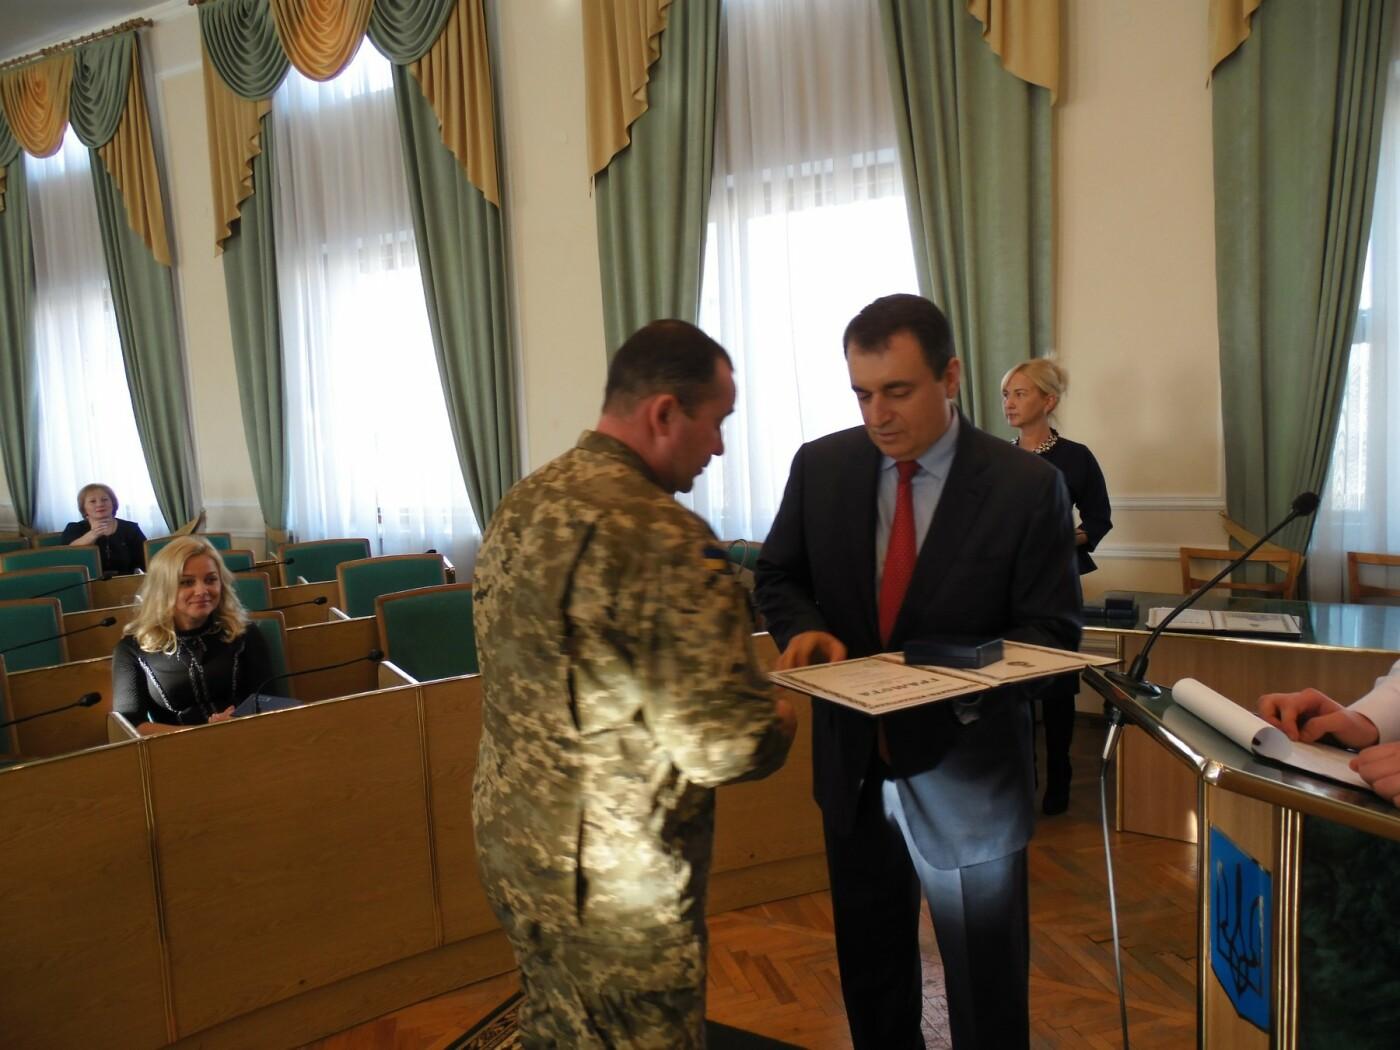 Кам'янецькі військові отримали нагороди від Верховної Ради України, фото-2